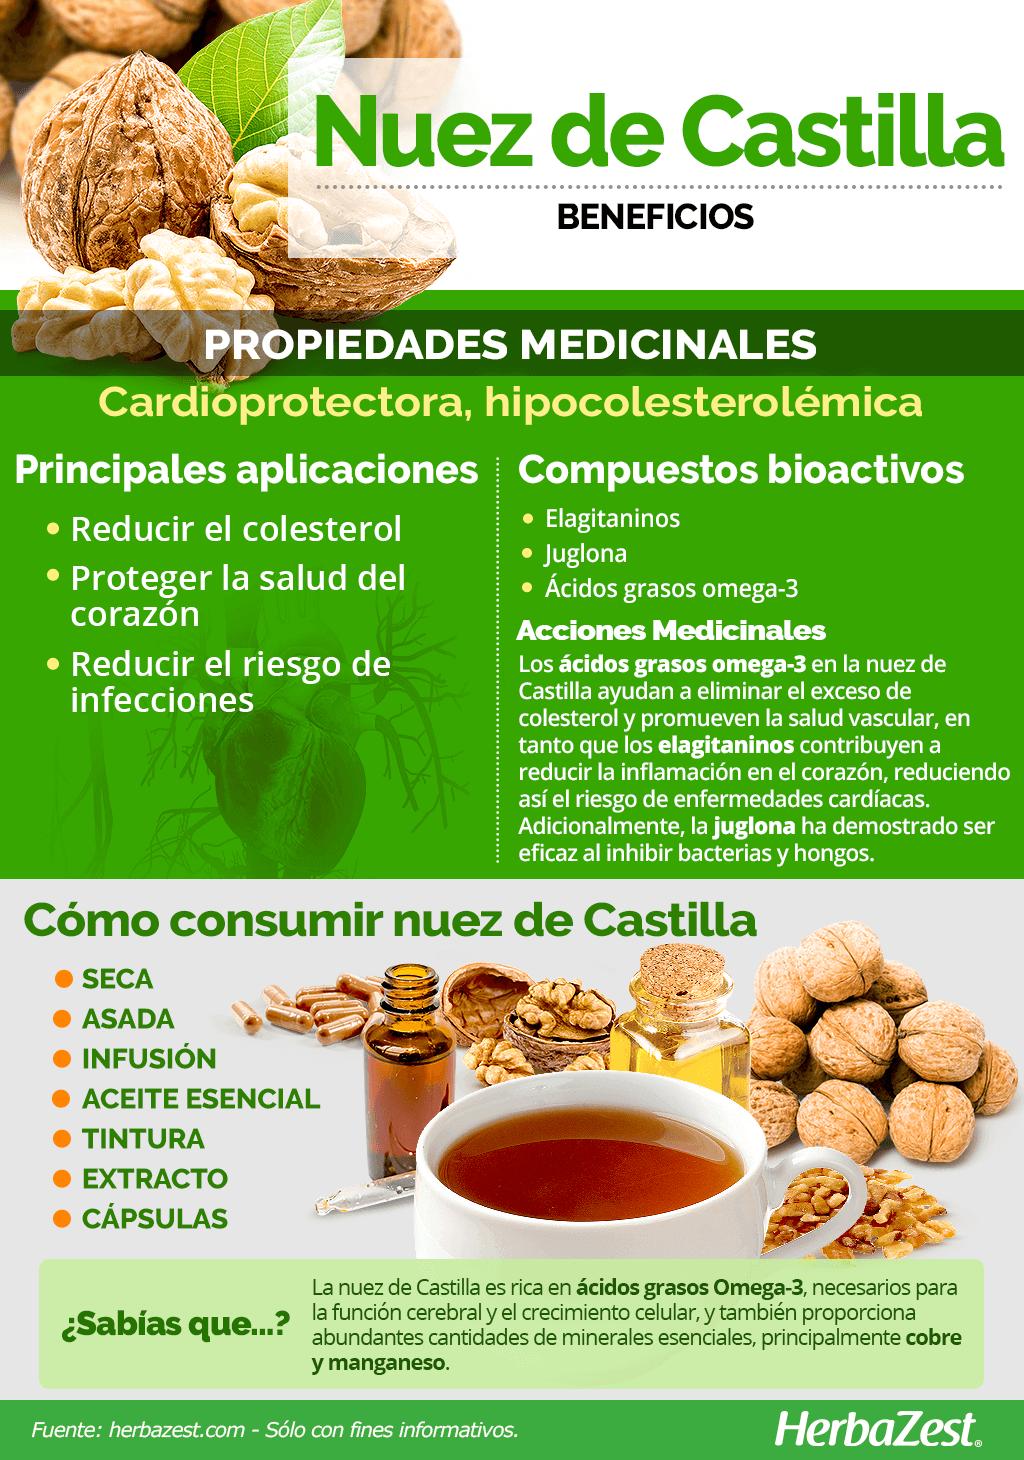 Beneficios de la nuez de Castilla